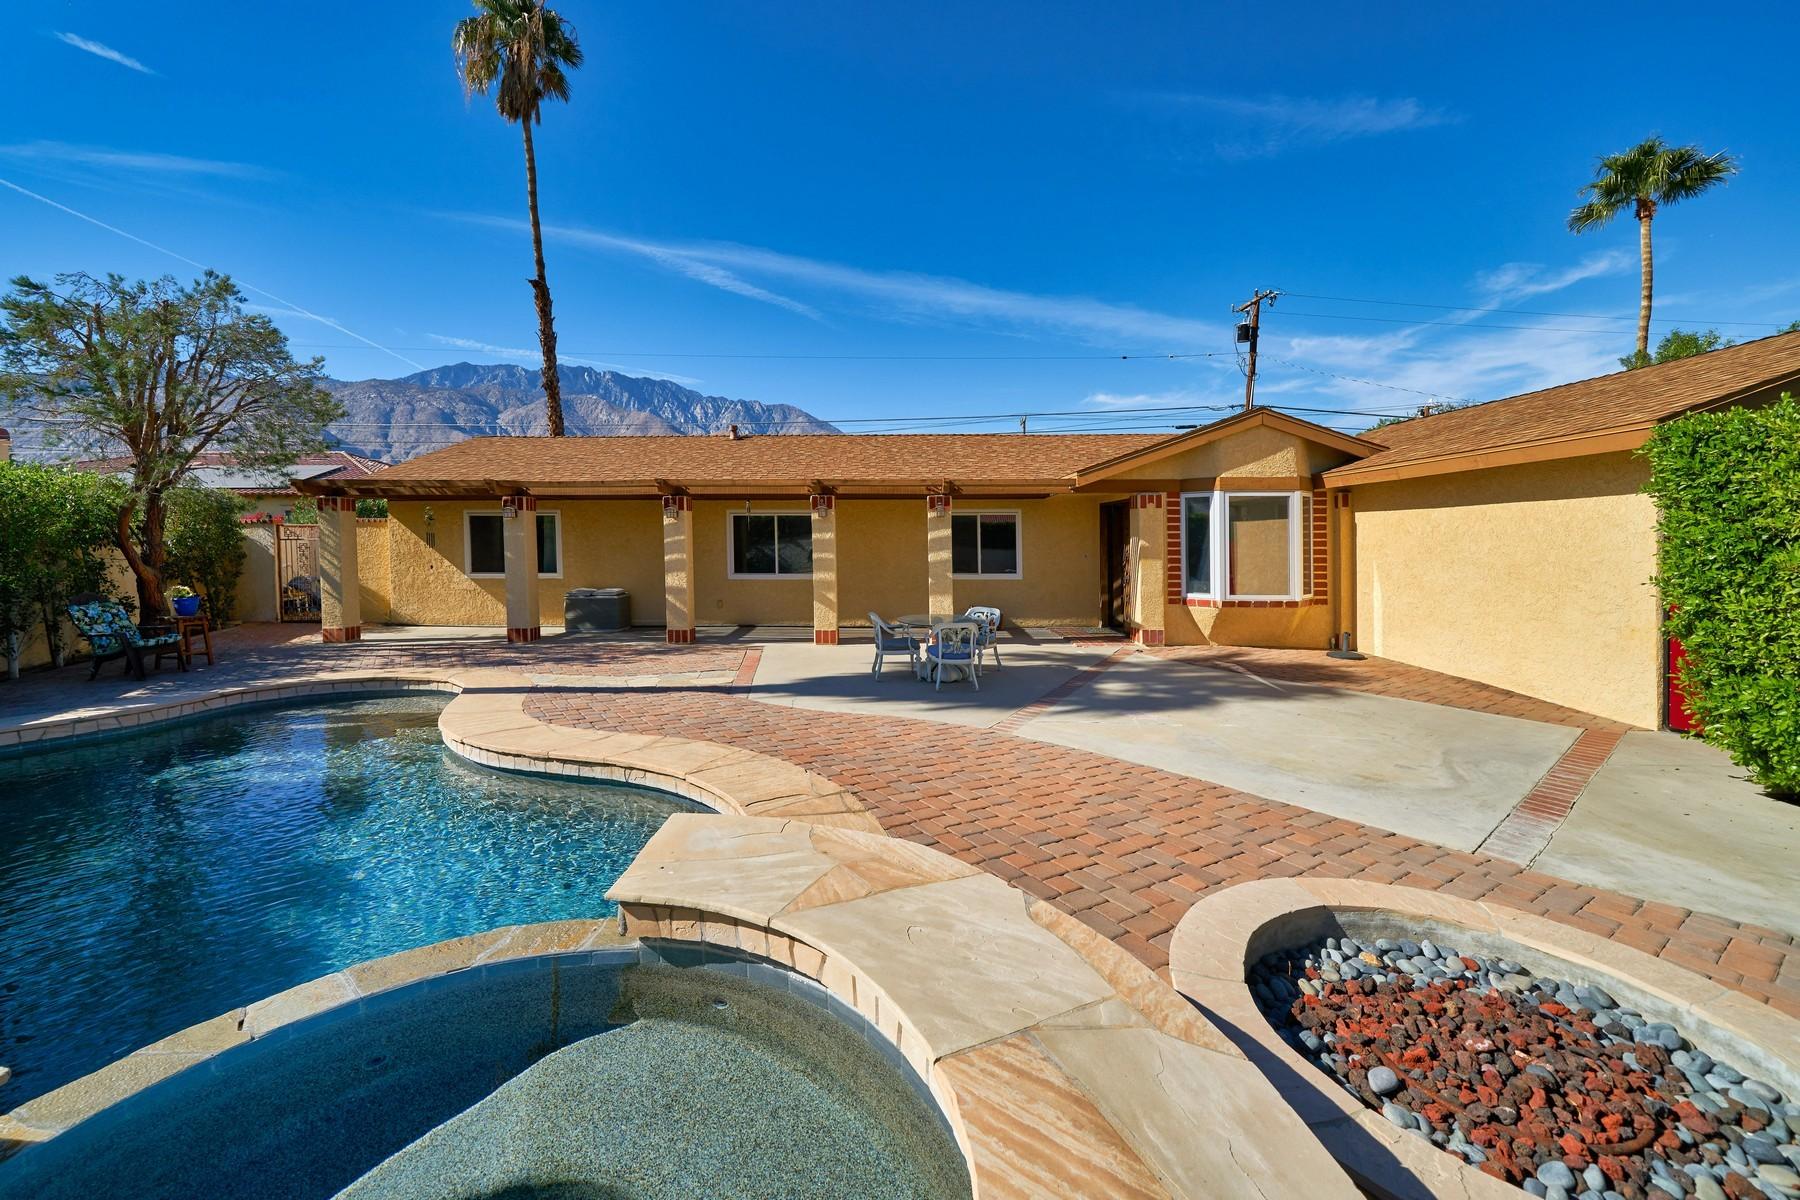 Частный односемейный дом для того Продажа на 2025 Nicola Road Palm Springs, Калифорния, 92262 Соединенные Штаты